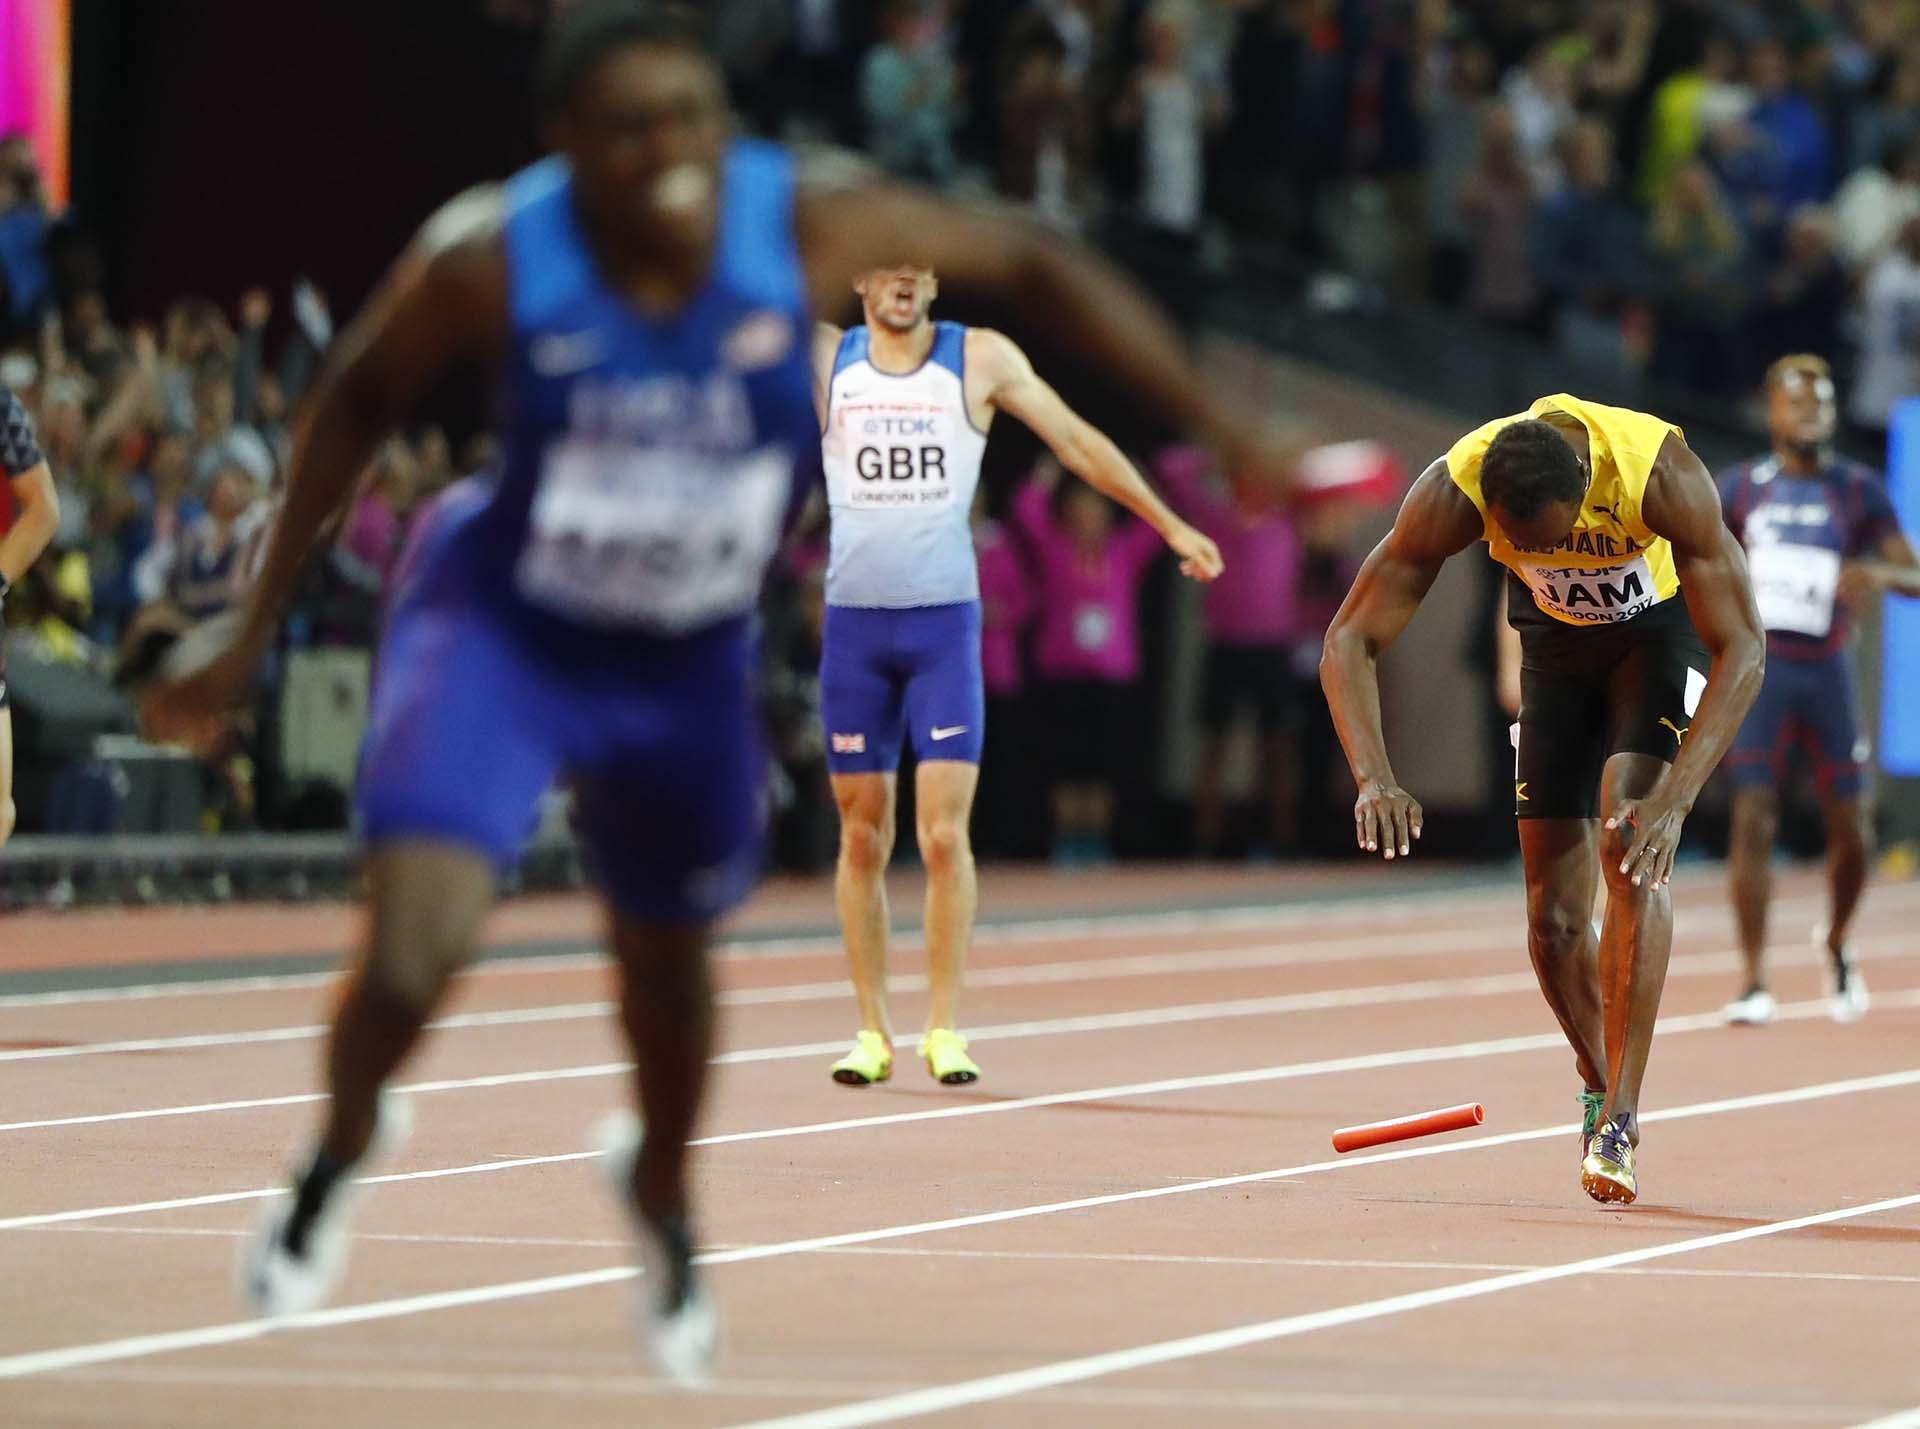 El atleta de 30 años soltó el testigo y se lanzó al suelo